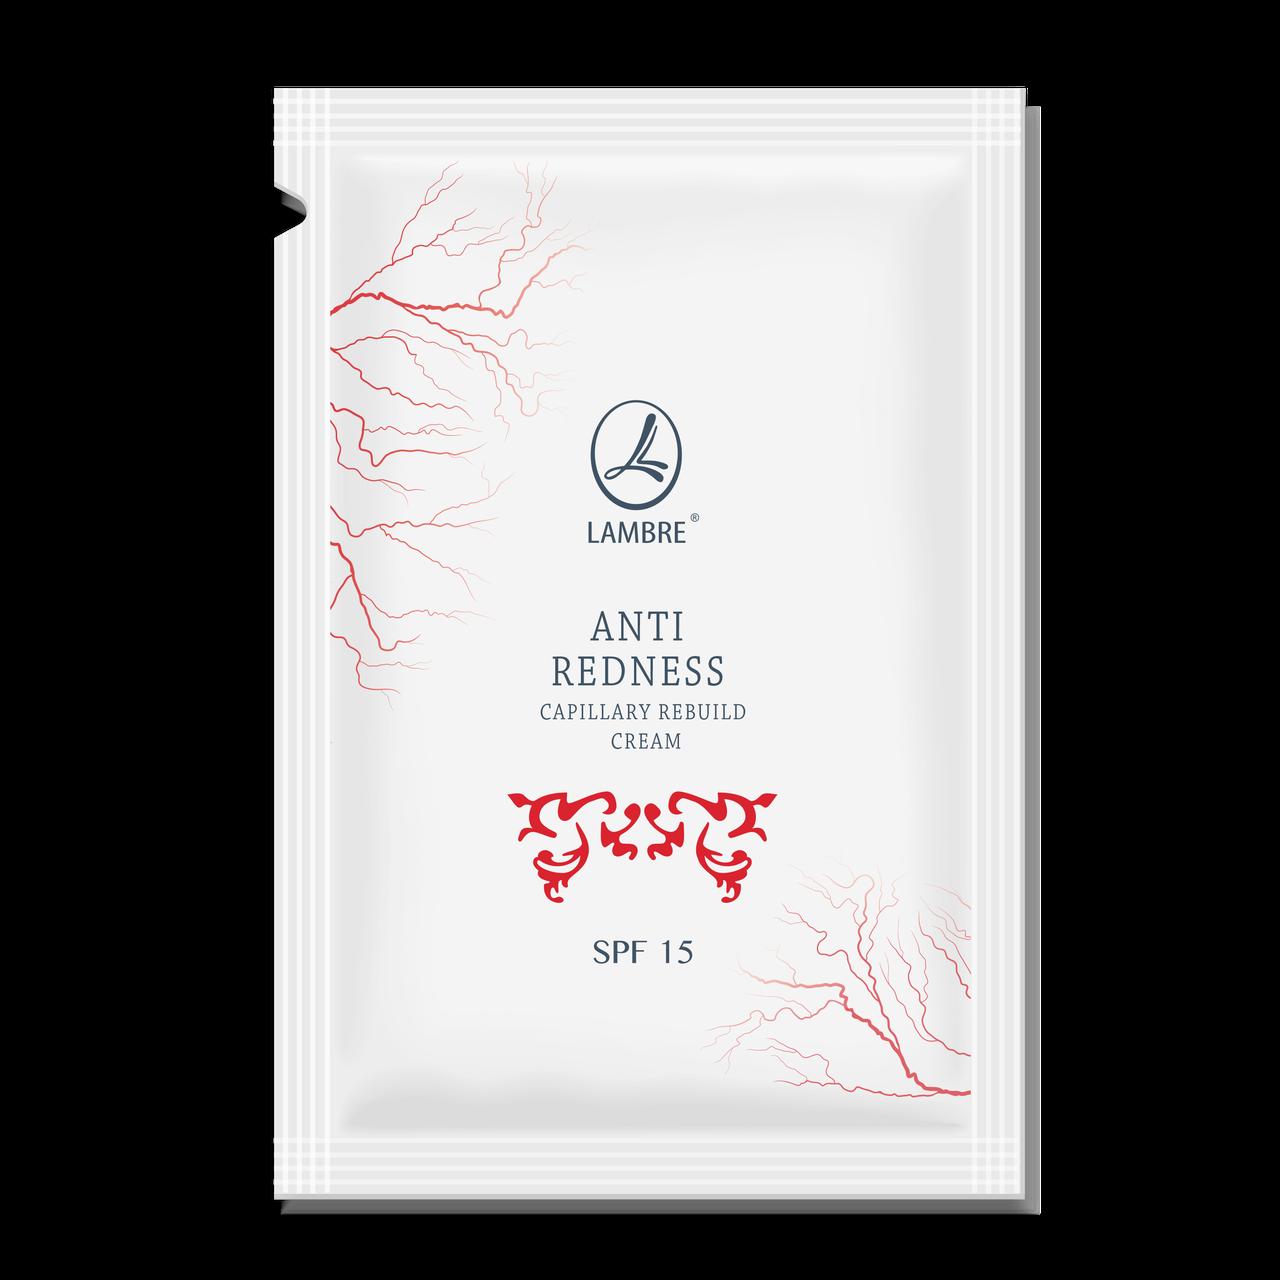 ТЕСТЕР Зміцнюючий крем ANTI RENDESS CAPILLARY REBUILD CREAM SPF 15 для шкіри схильної до куперозу 2 мл